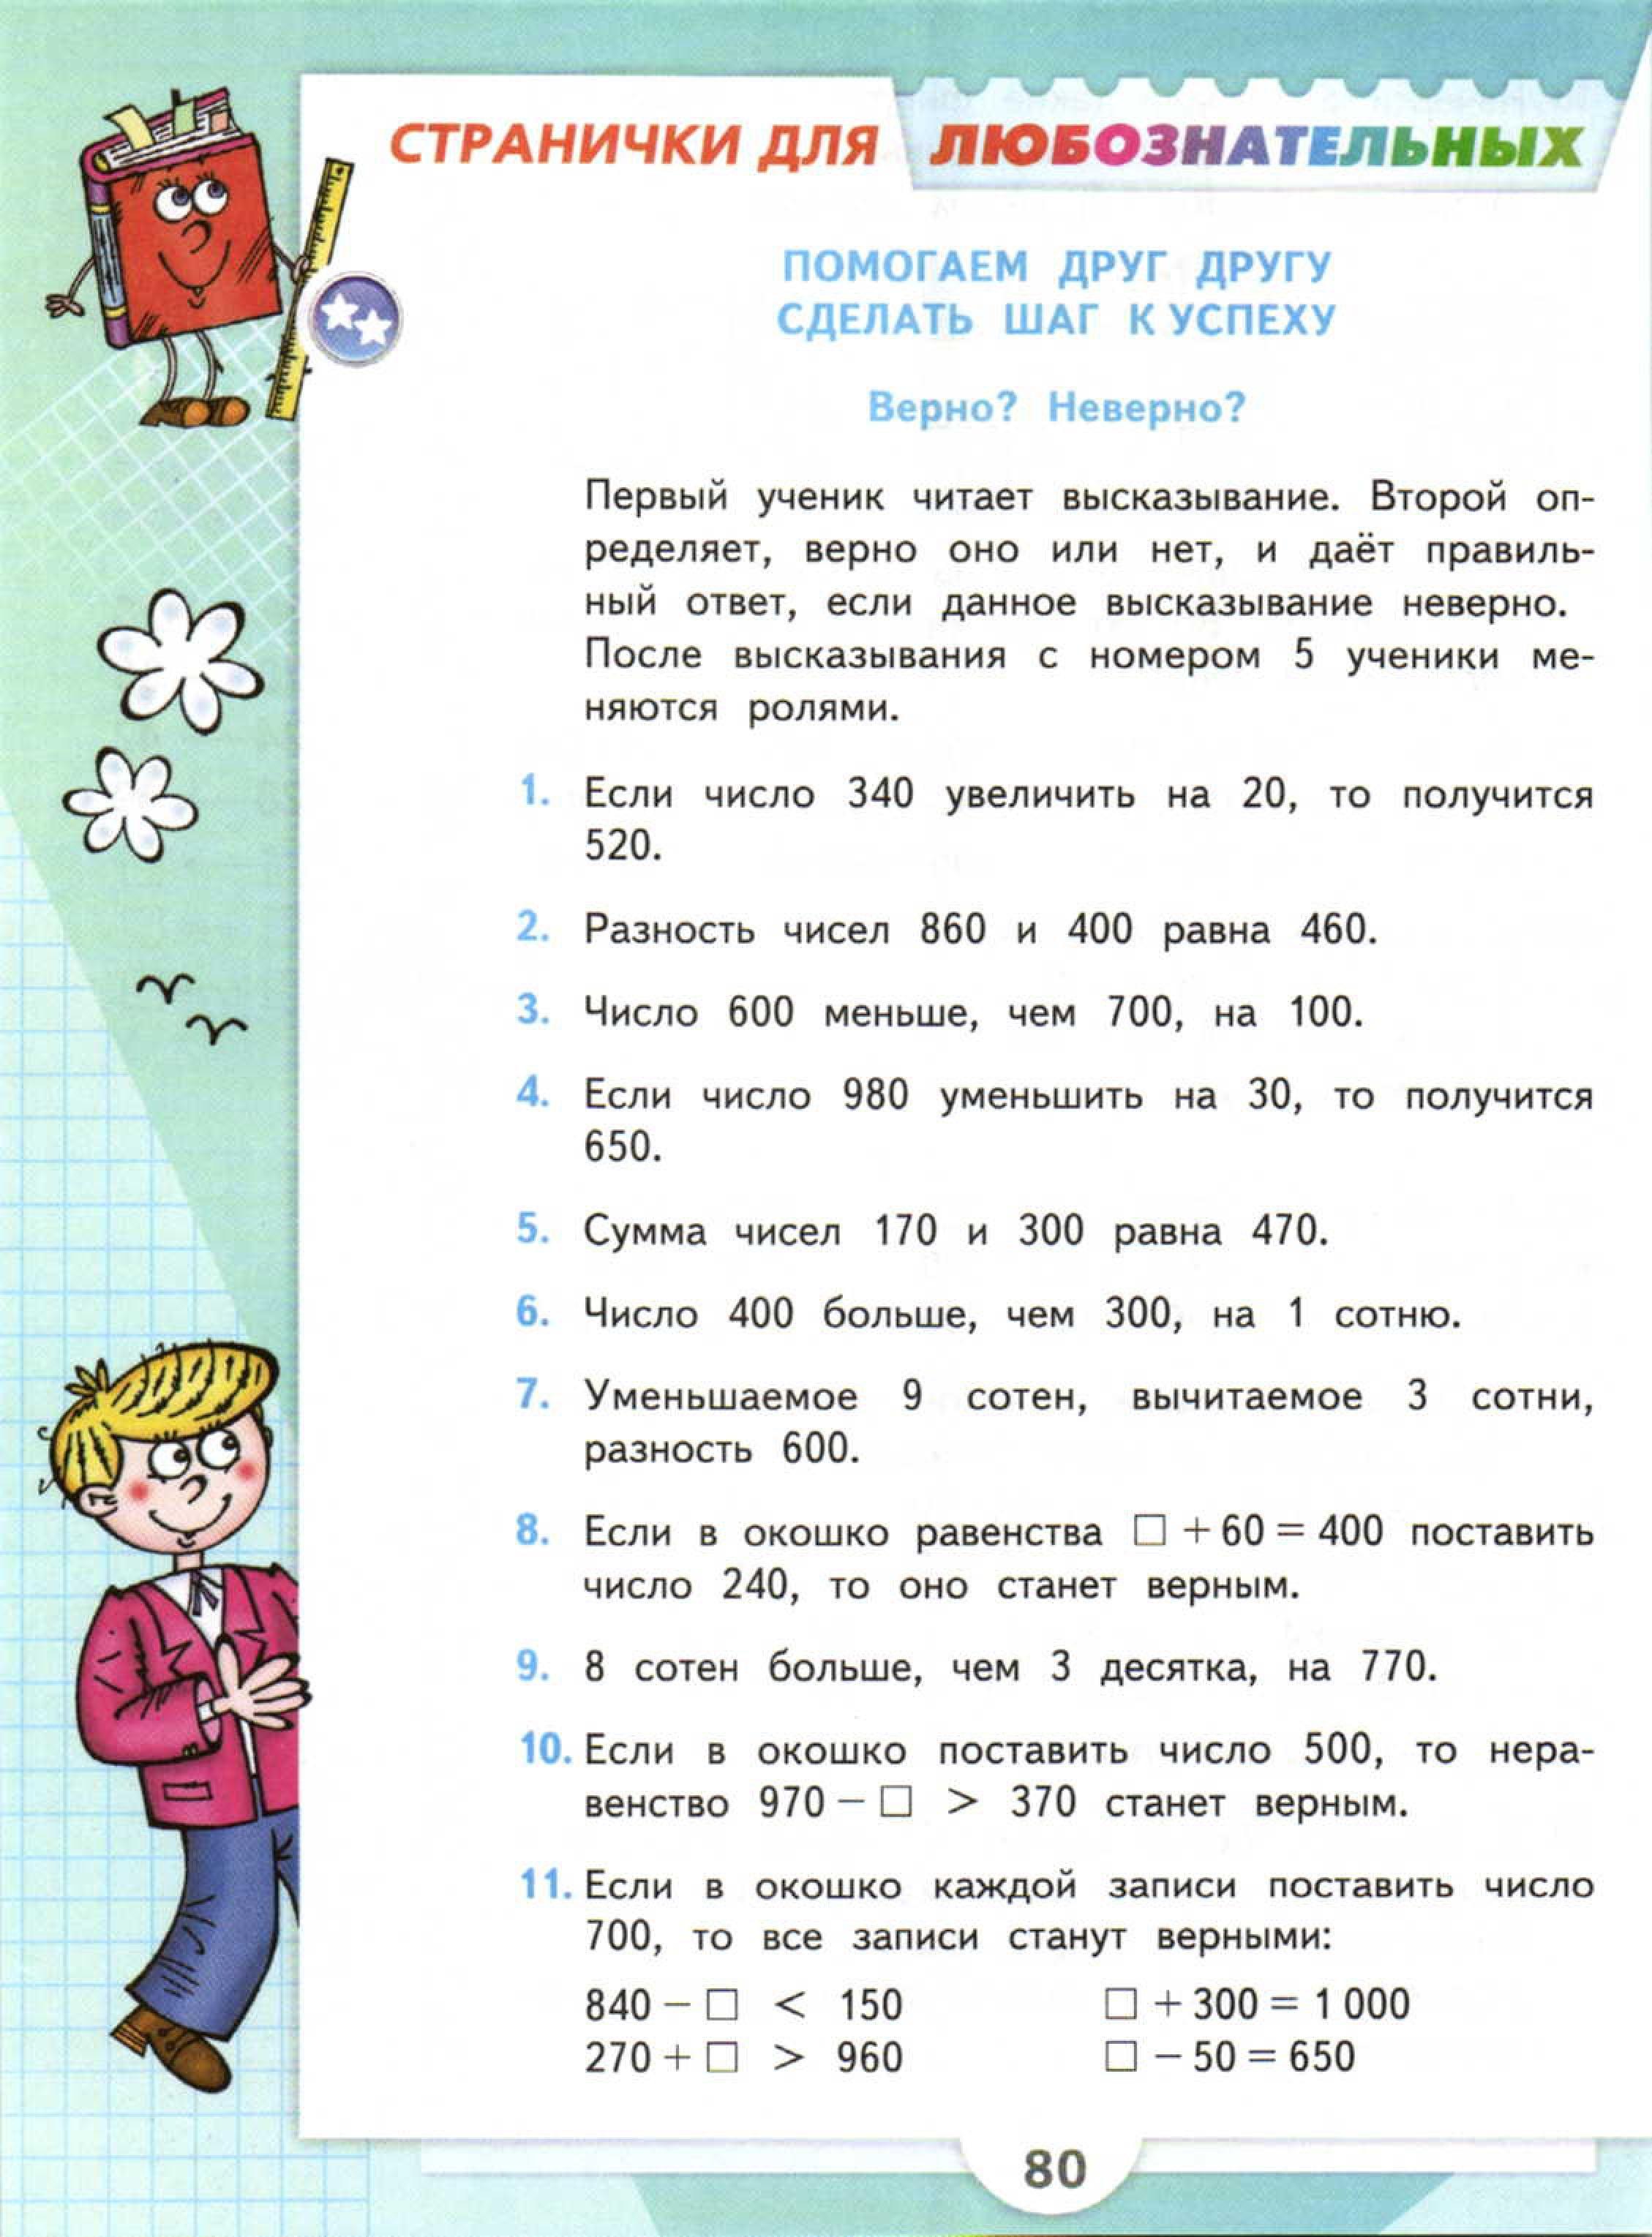 Скачать торрентом фильм биология 6 класса авторы пономарева и.н